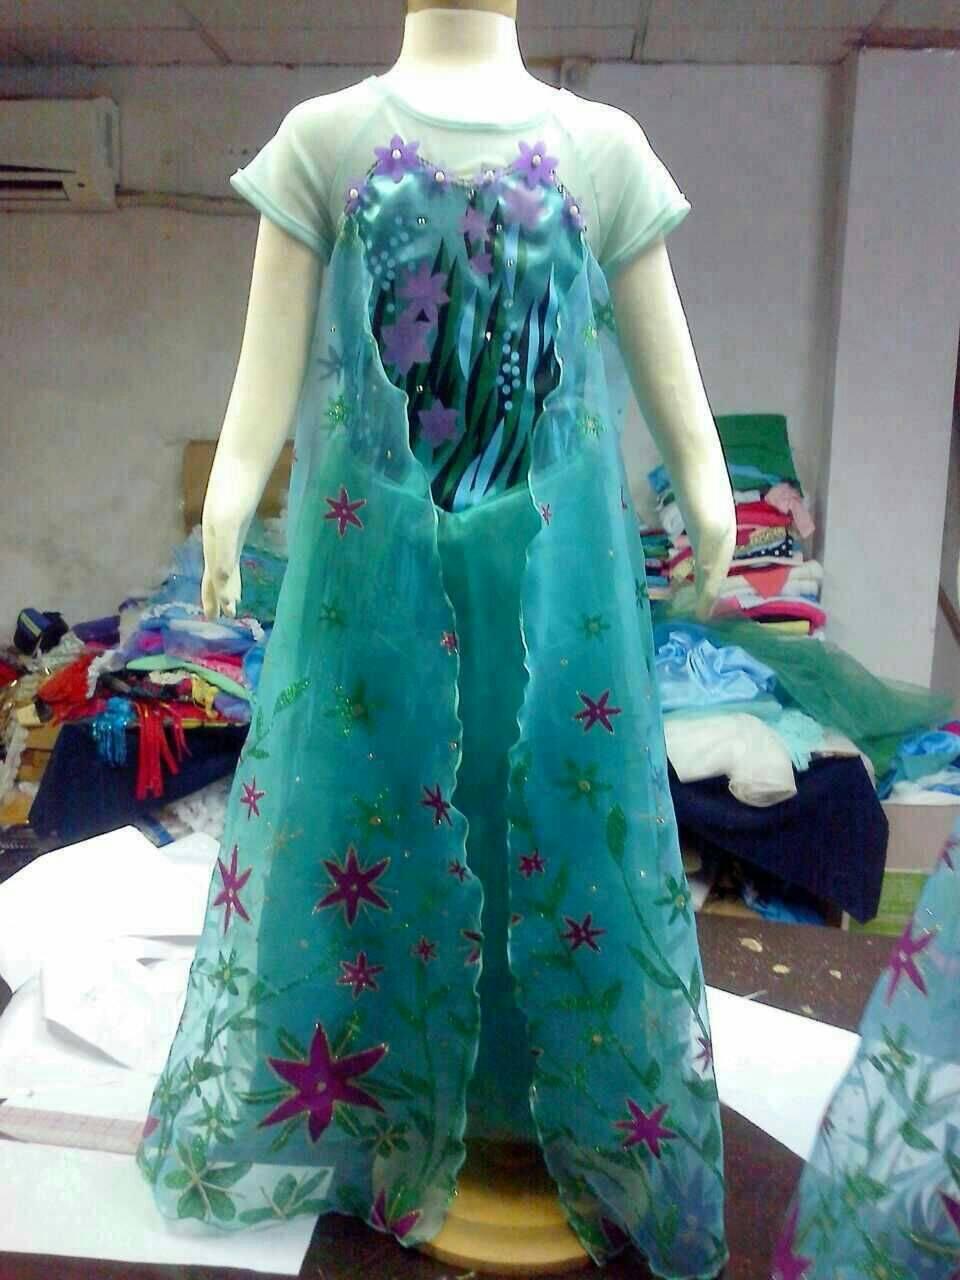 Jual Baju Frozen Fever Elsa Hijau Gaun Ulang Tahun Anak